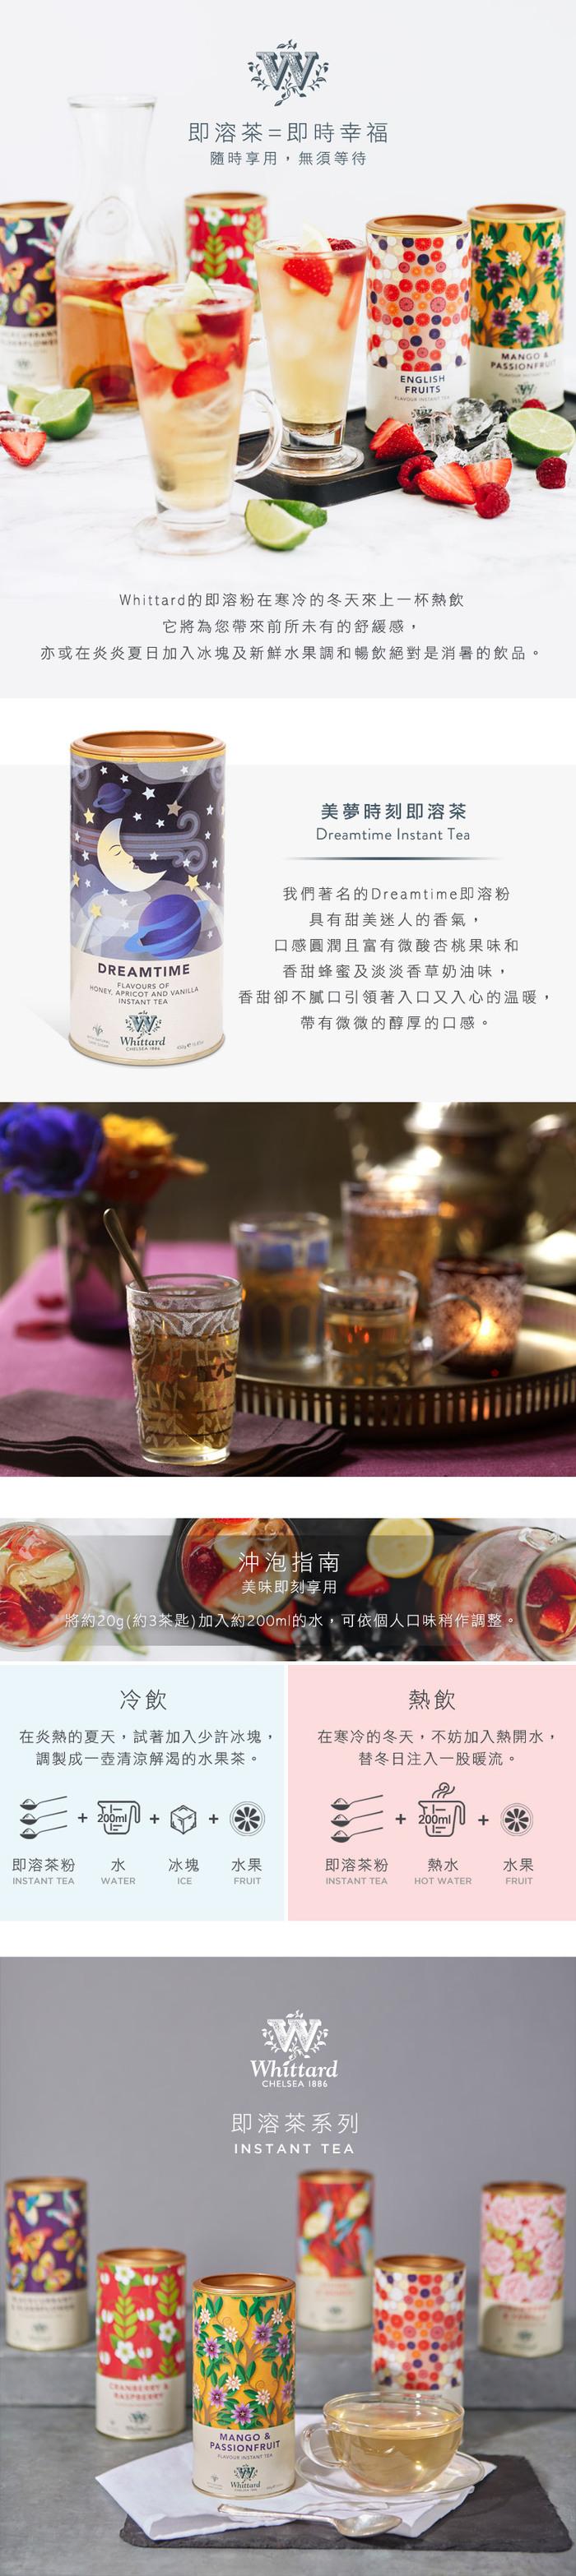 (複製)Whittard | 芒果百香果風味即溶茶